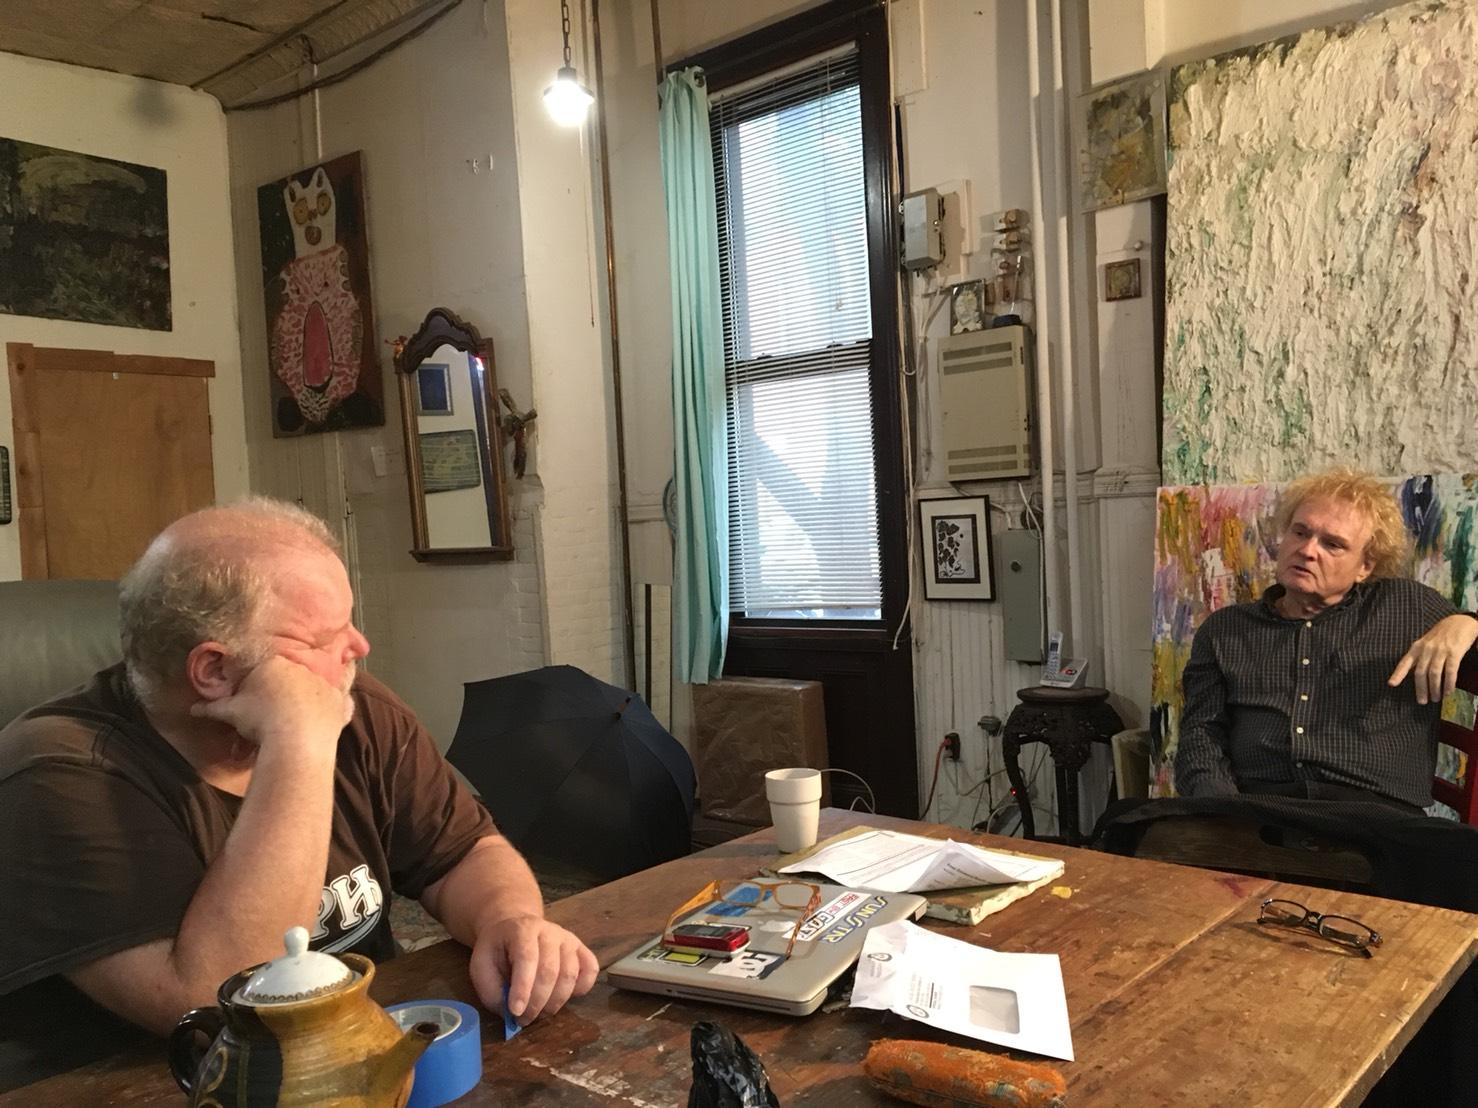 左為狄克森,右為比爾・佩奇  Left: Rodney Dickson, Right: Bill Page